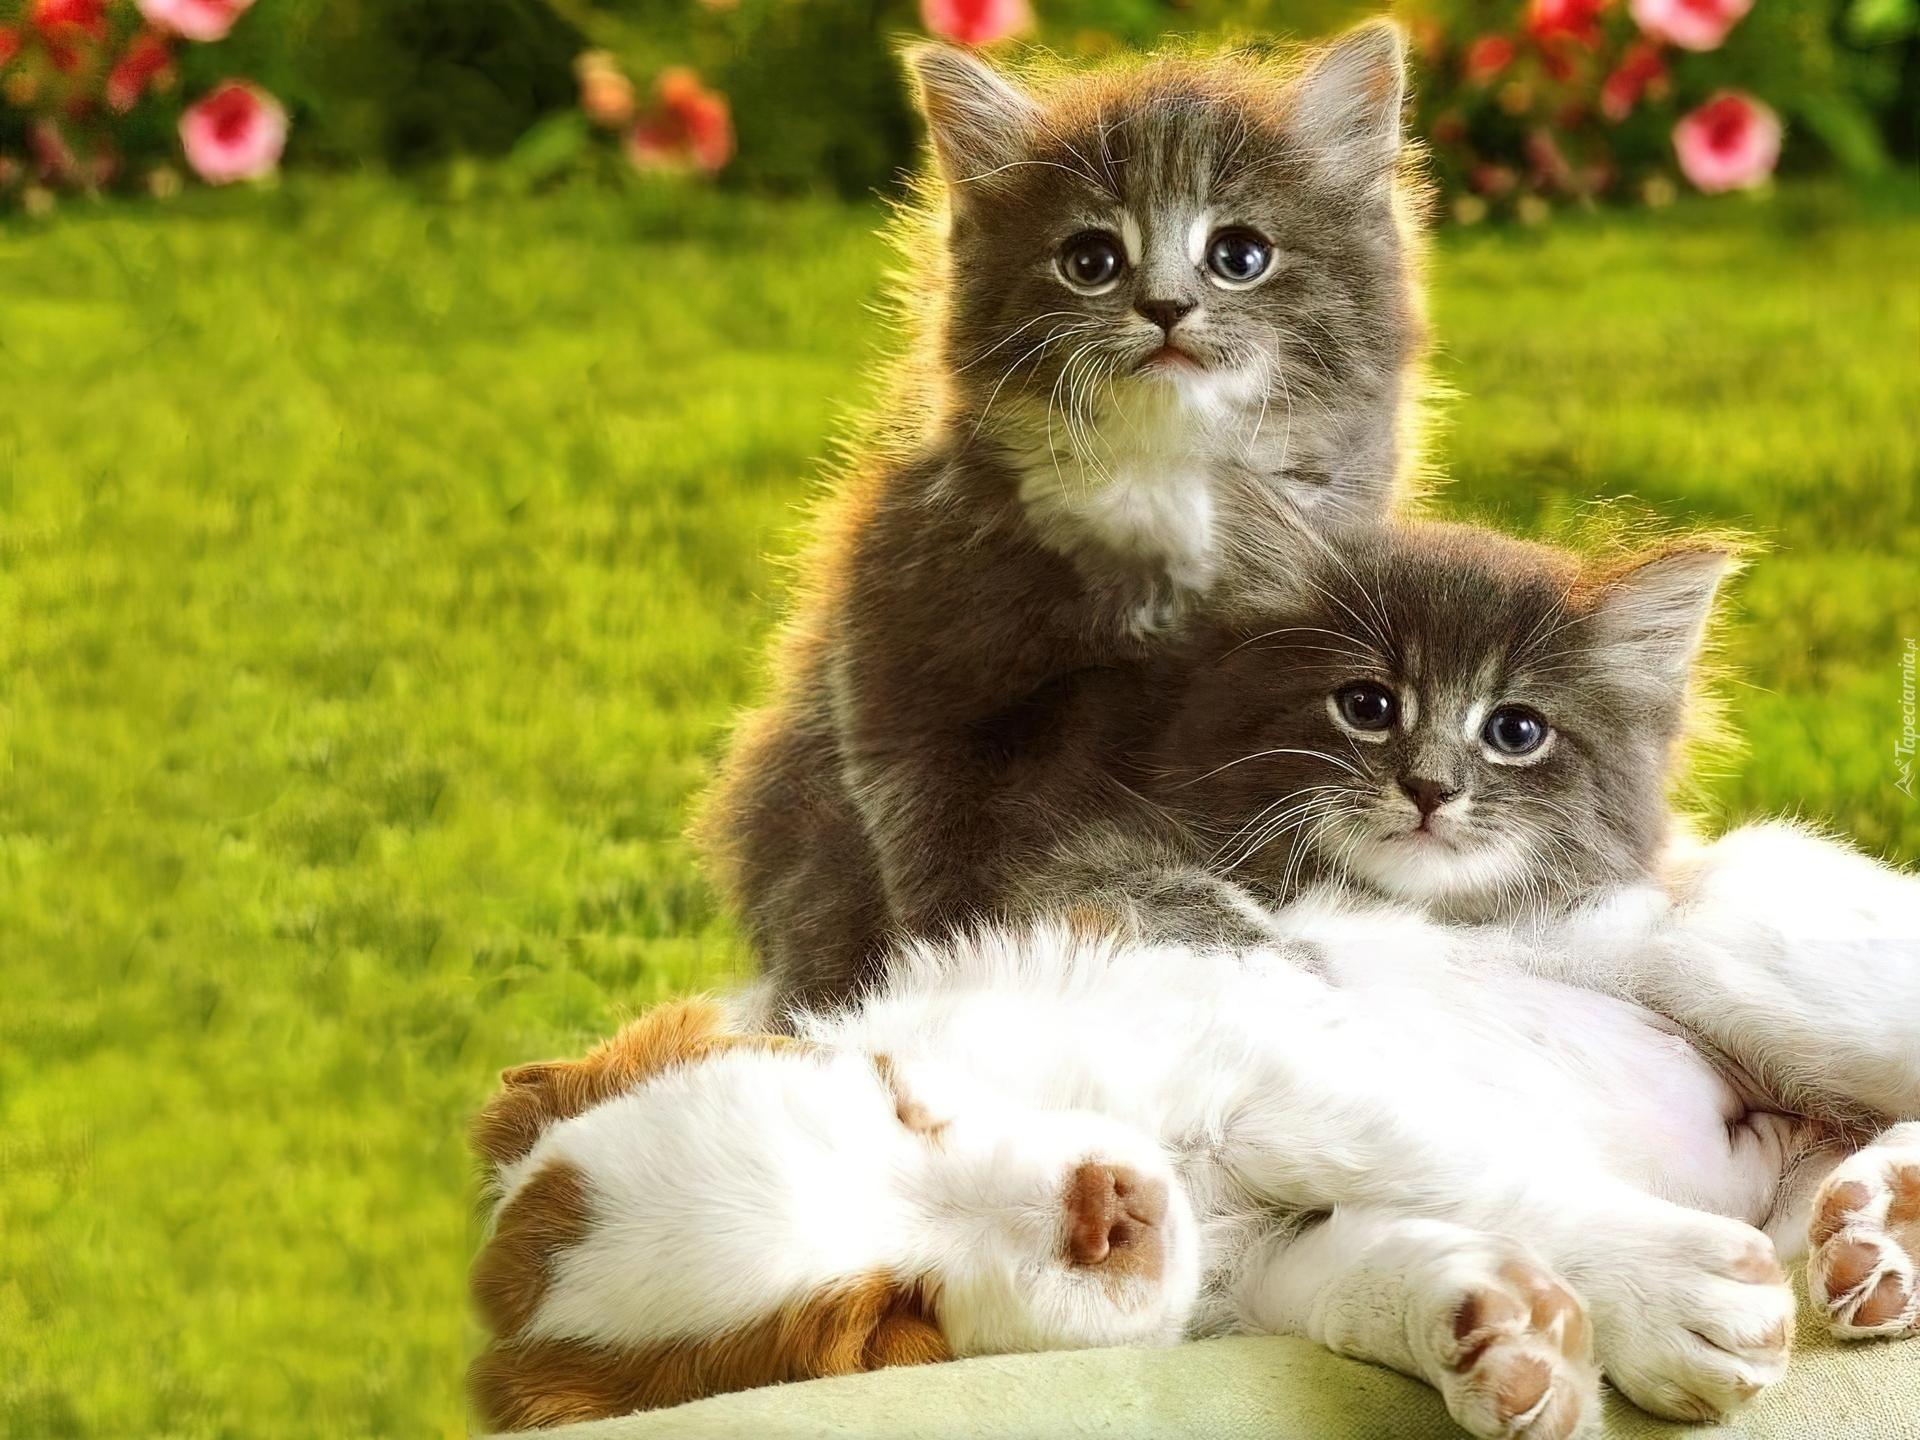 Доброе, собачки фото красивые пушистые милашки котята